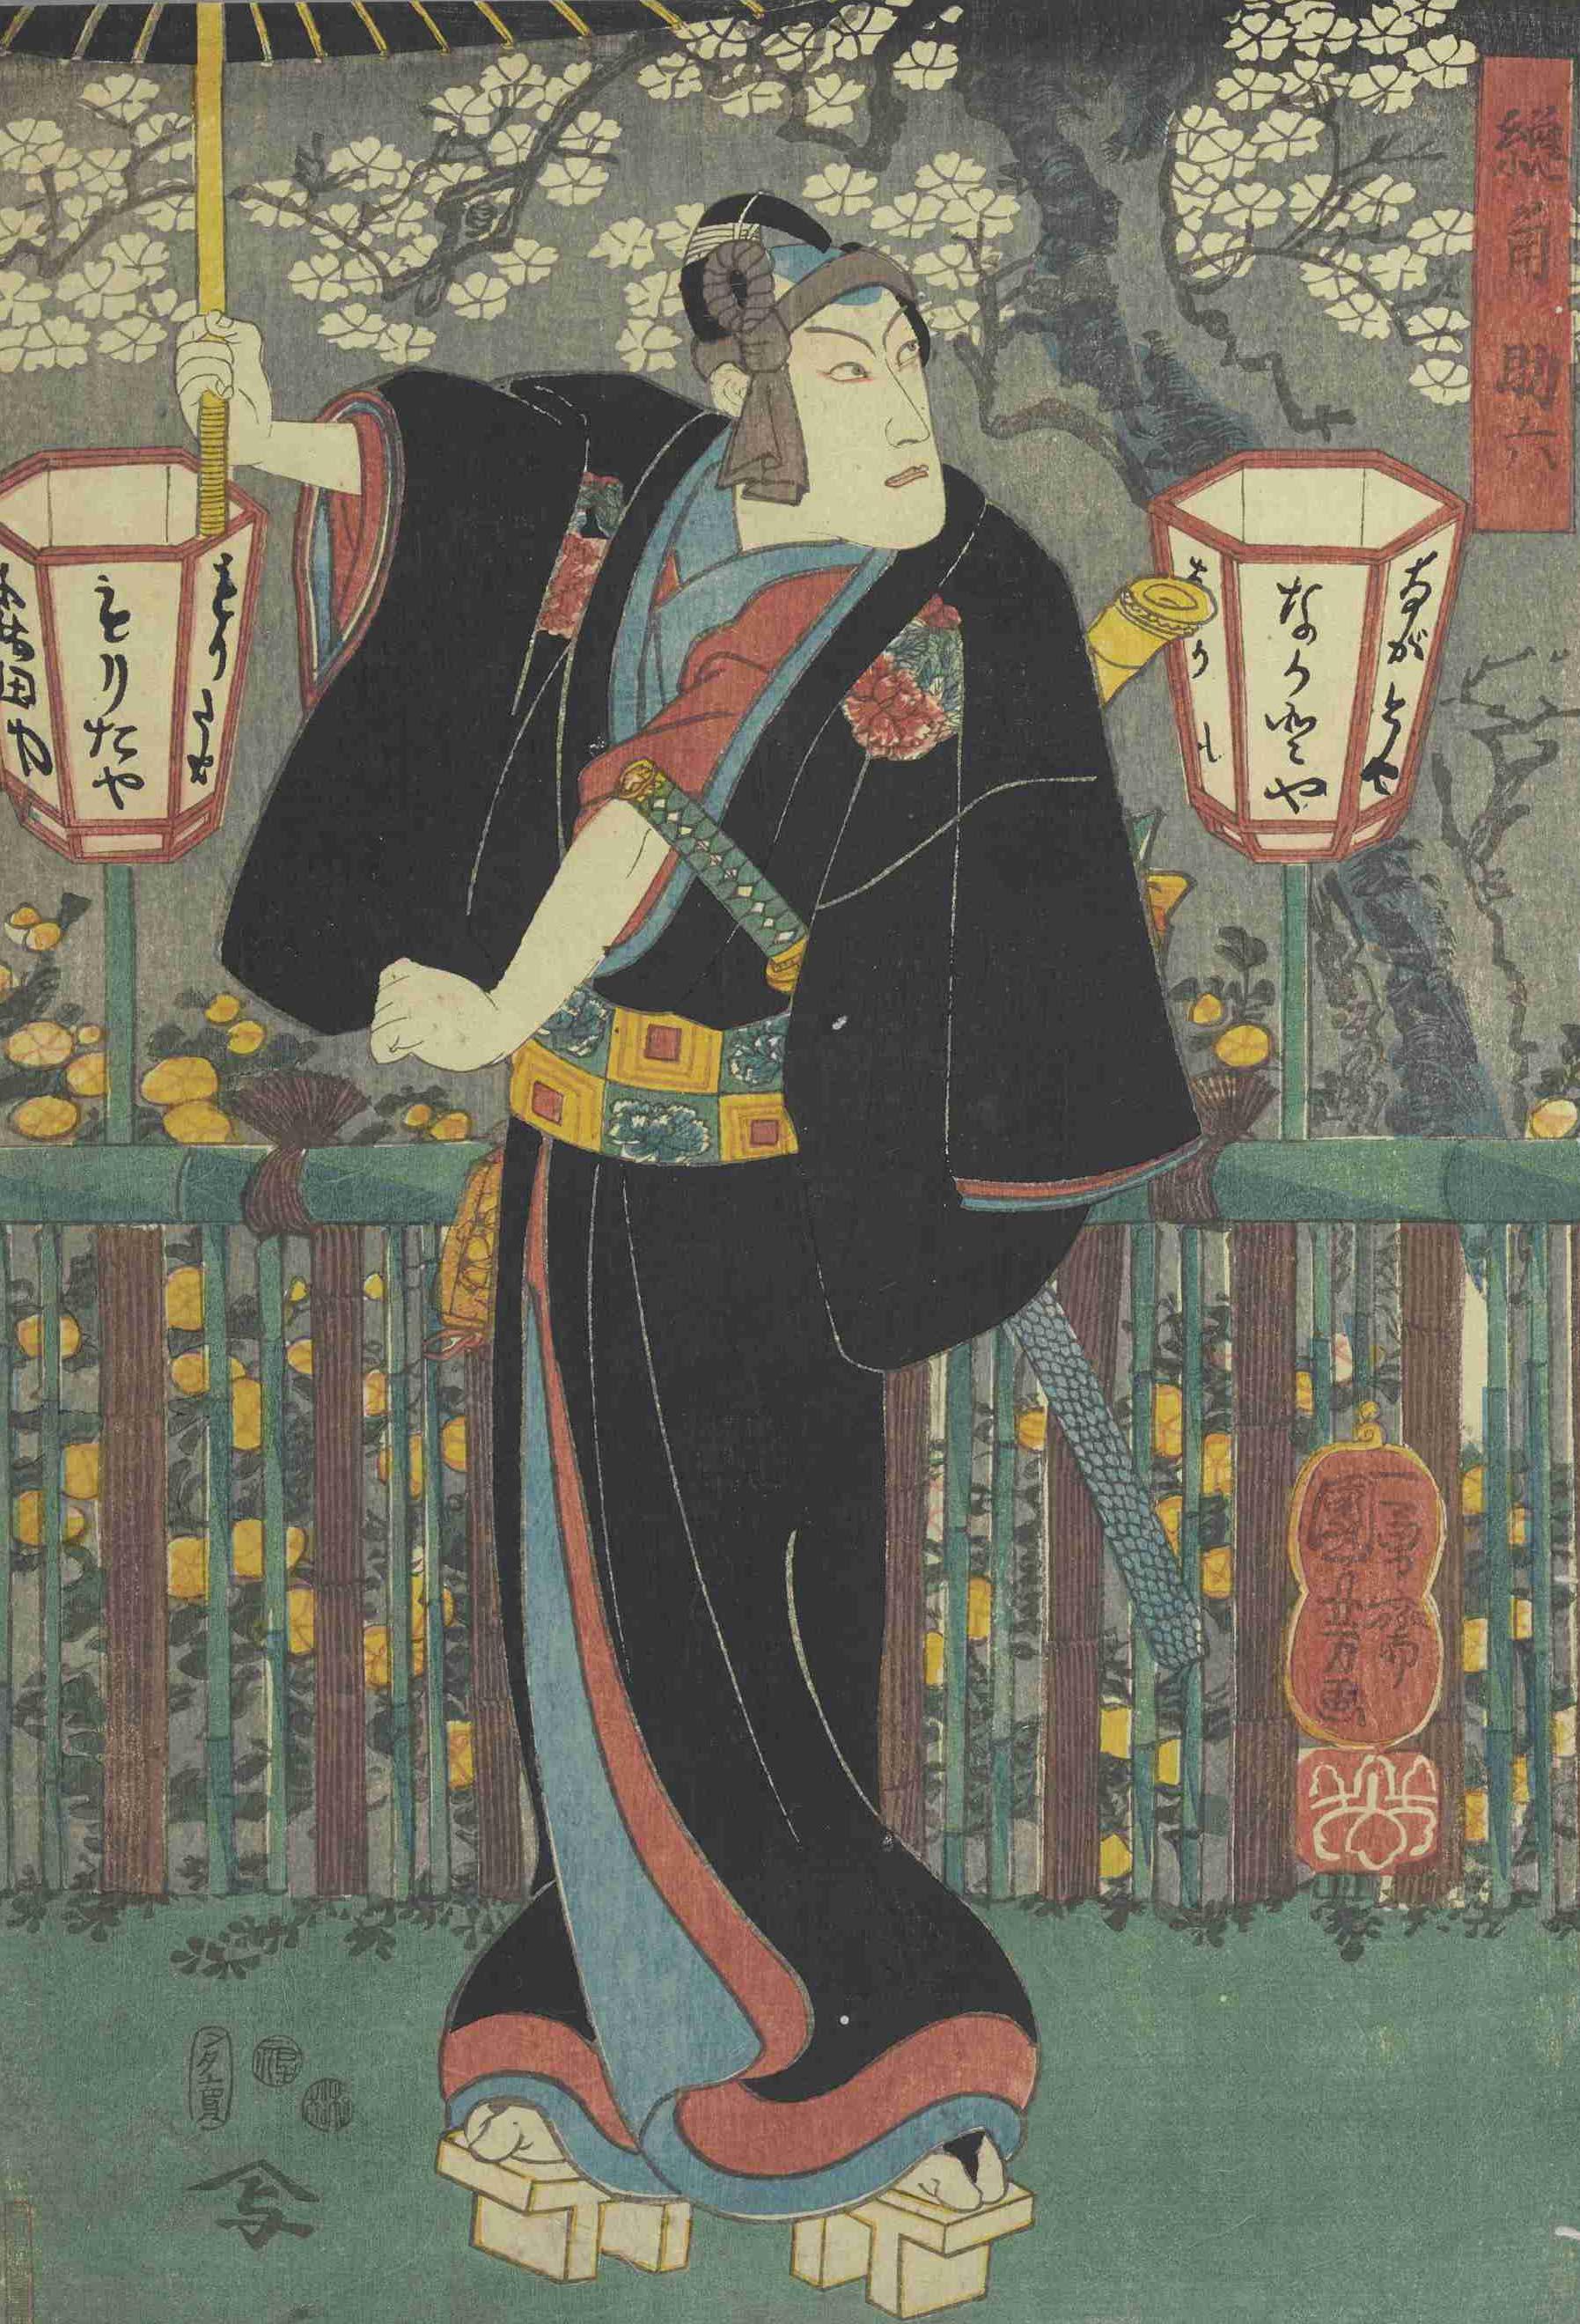 助六廓の花見時(部分)助六 画:歌川国芳 出典:東京都立図書館